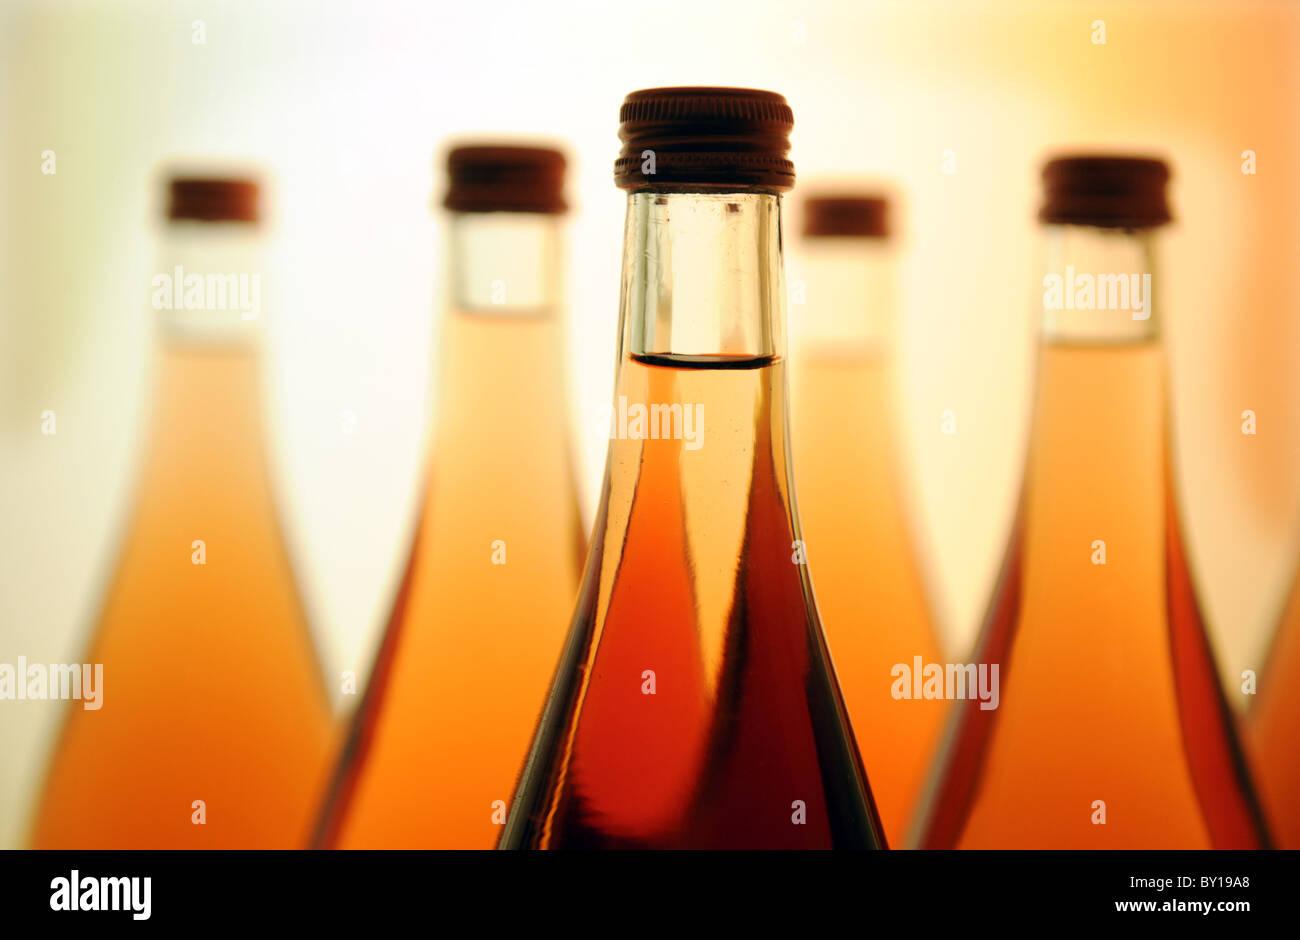 Bottles on a shelf Stock Photo